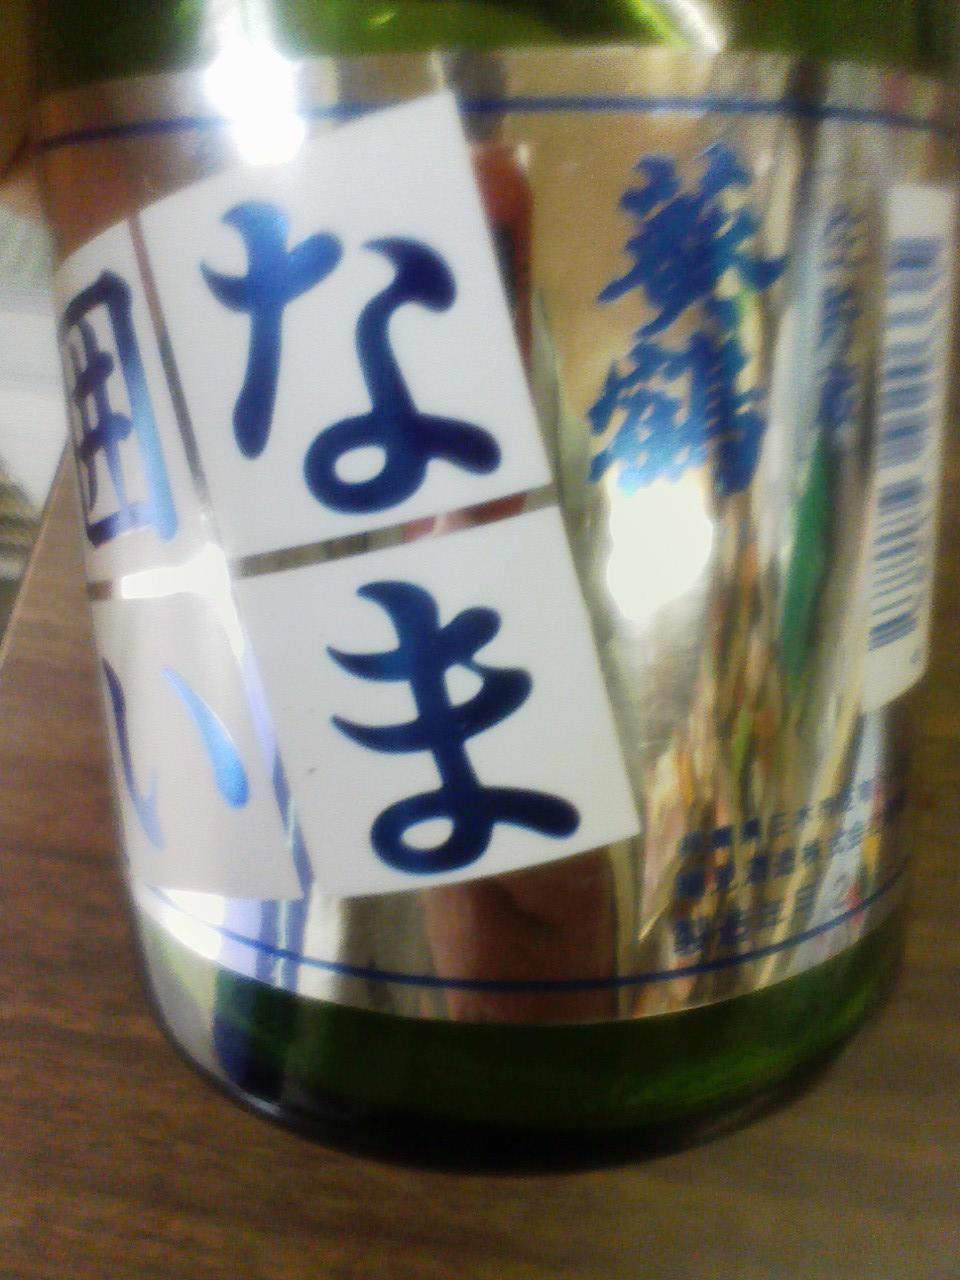 三木の酒「葵鶴」を高台の角打ちで_c0061686_340354.jpg